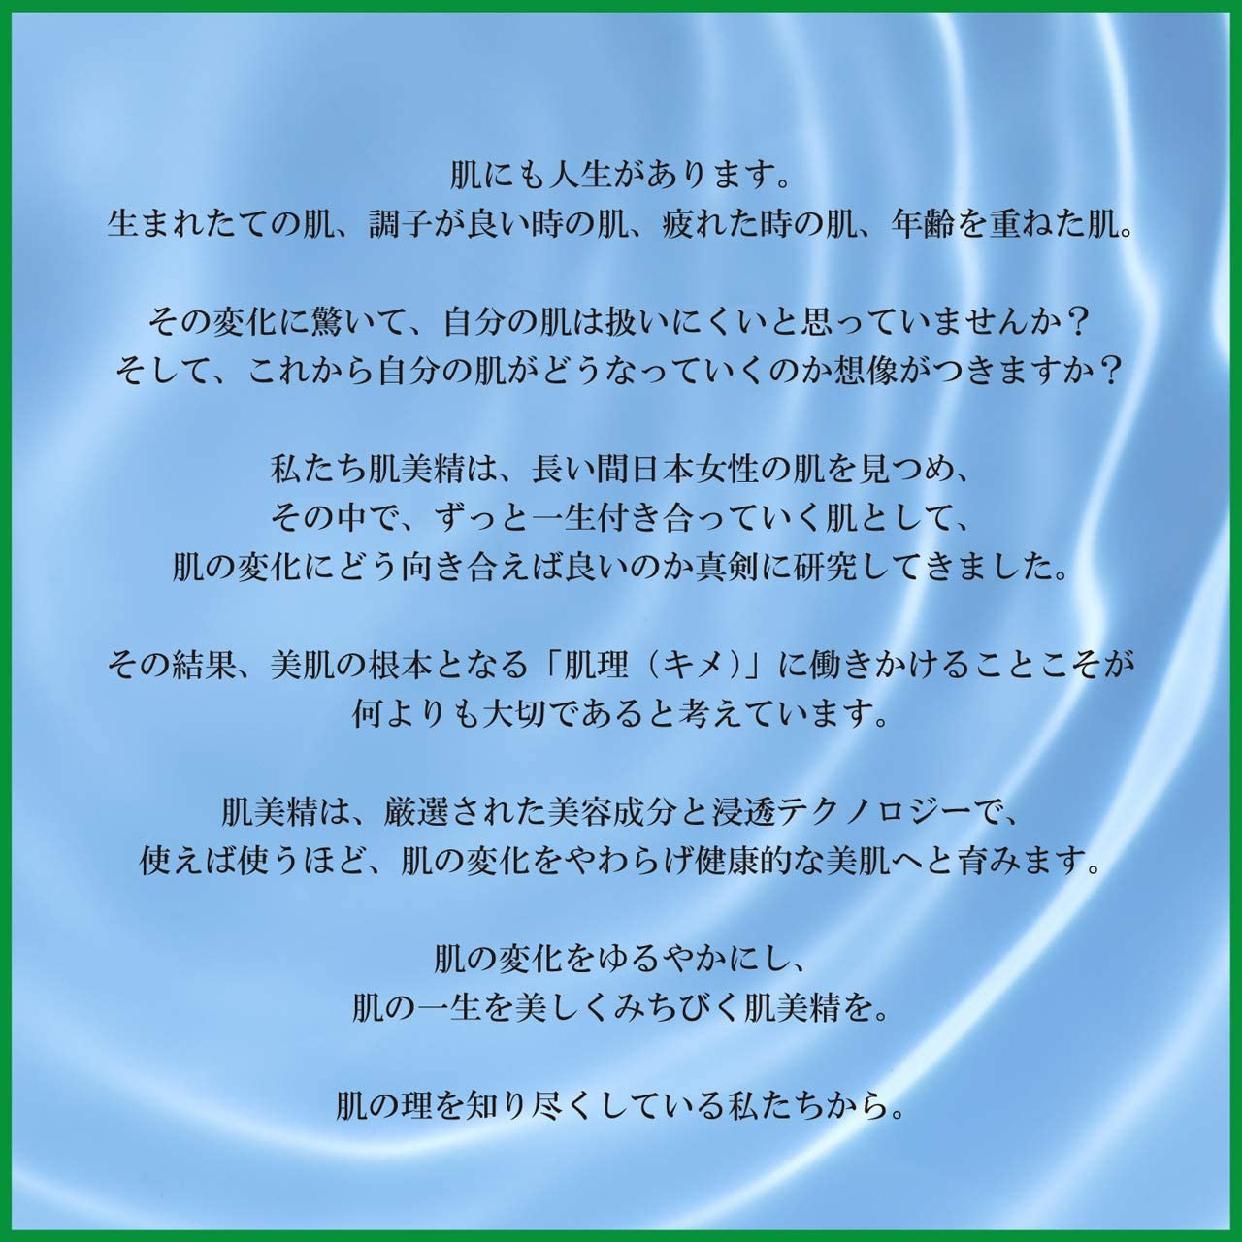 肌美精(はだびせい)大人のニキビ対策 薬用美白クリームの商品画像7